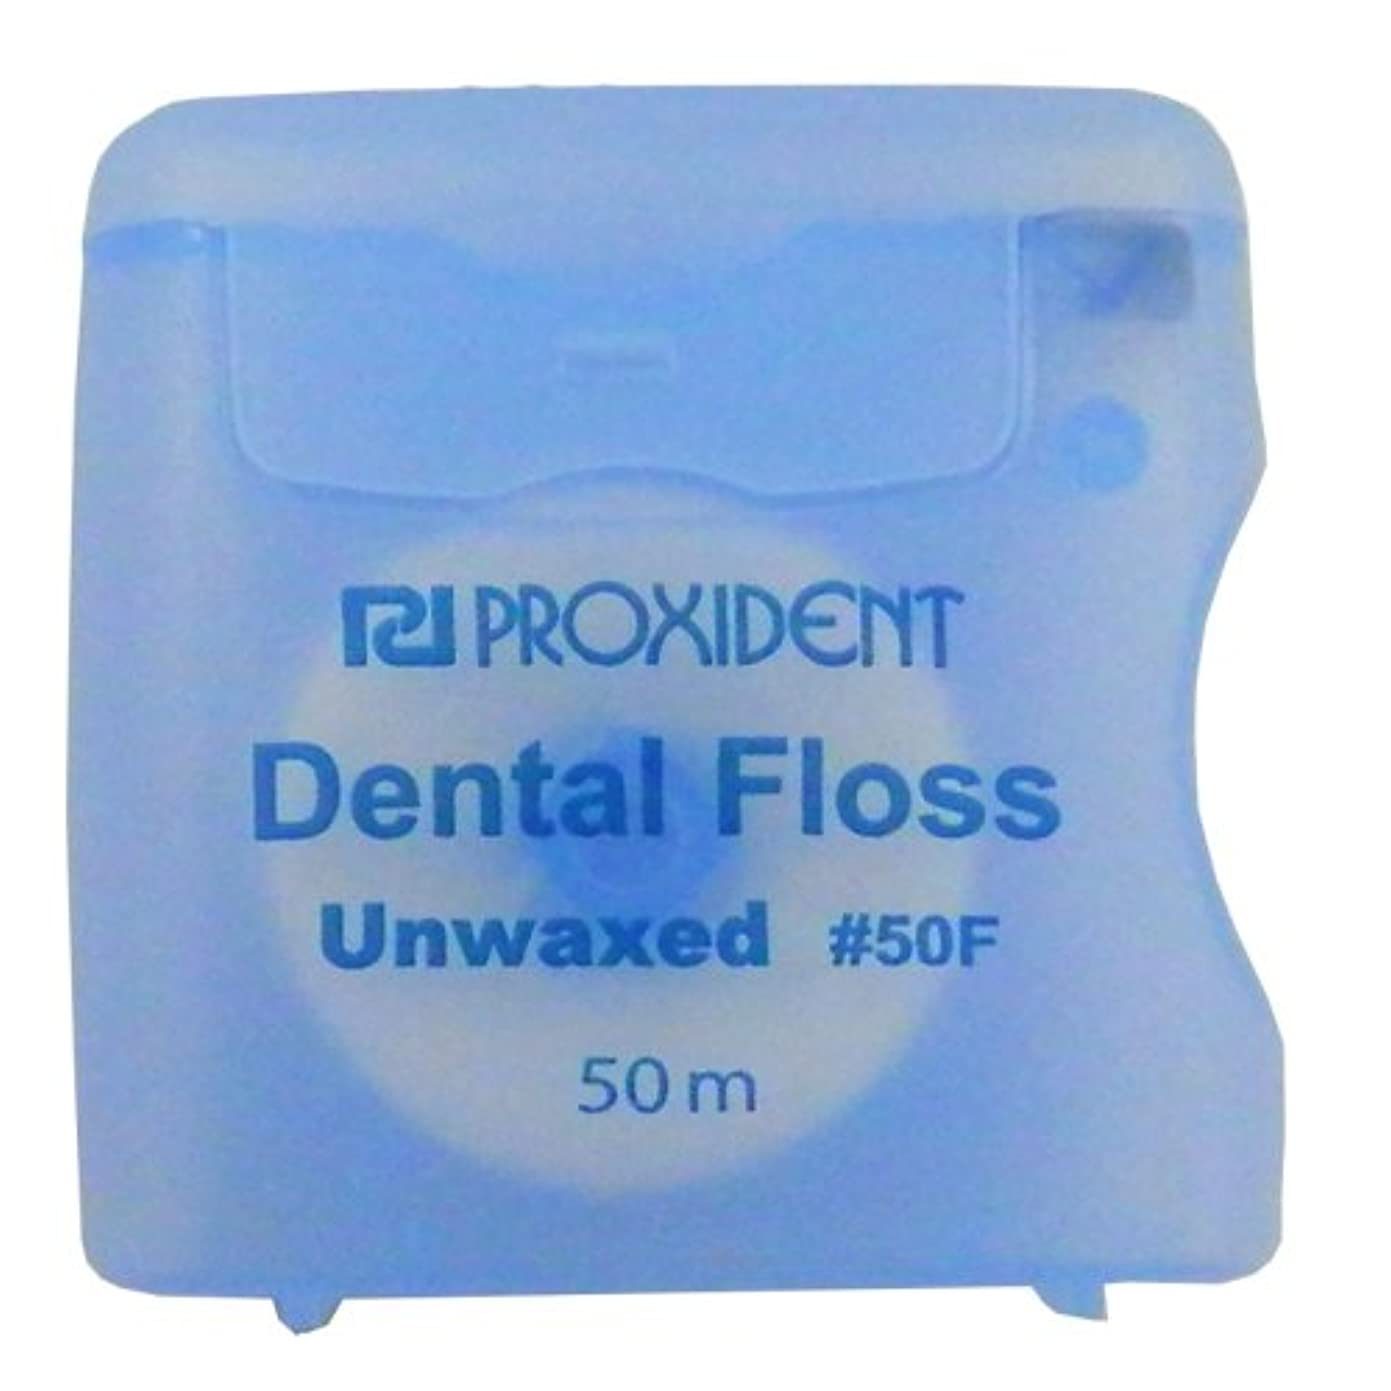 価値のない断線好意的プローデント プロキシデント デンタルフロス アンワックス #50F(UnWaxed) 50m 1個